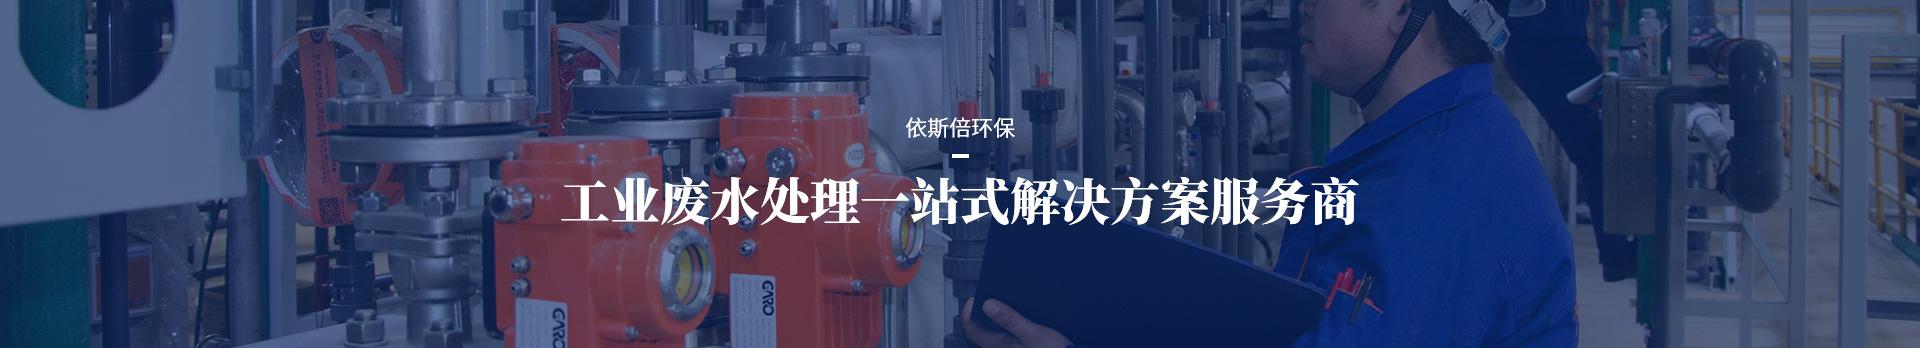 依斯倍工业废水处理一站式解决方案服务商